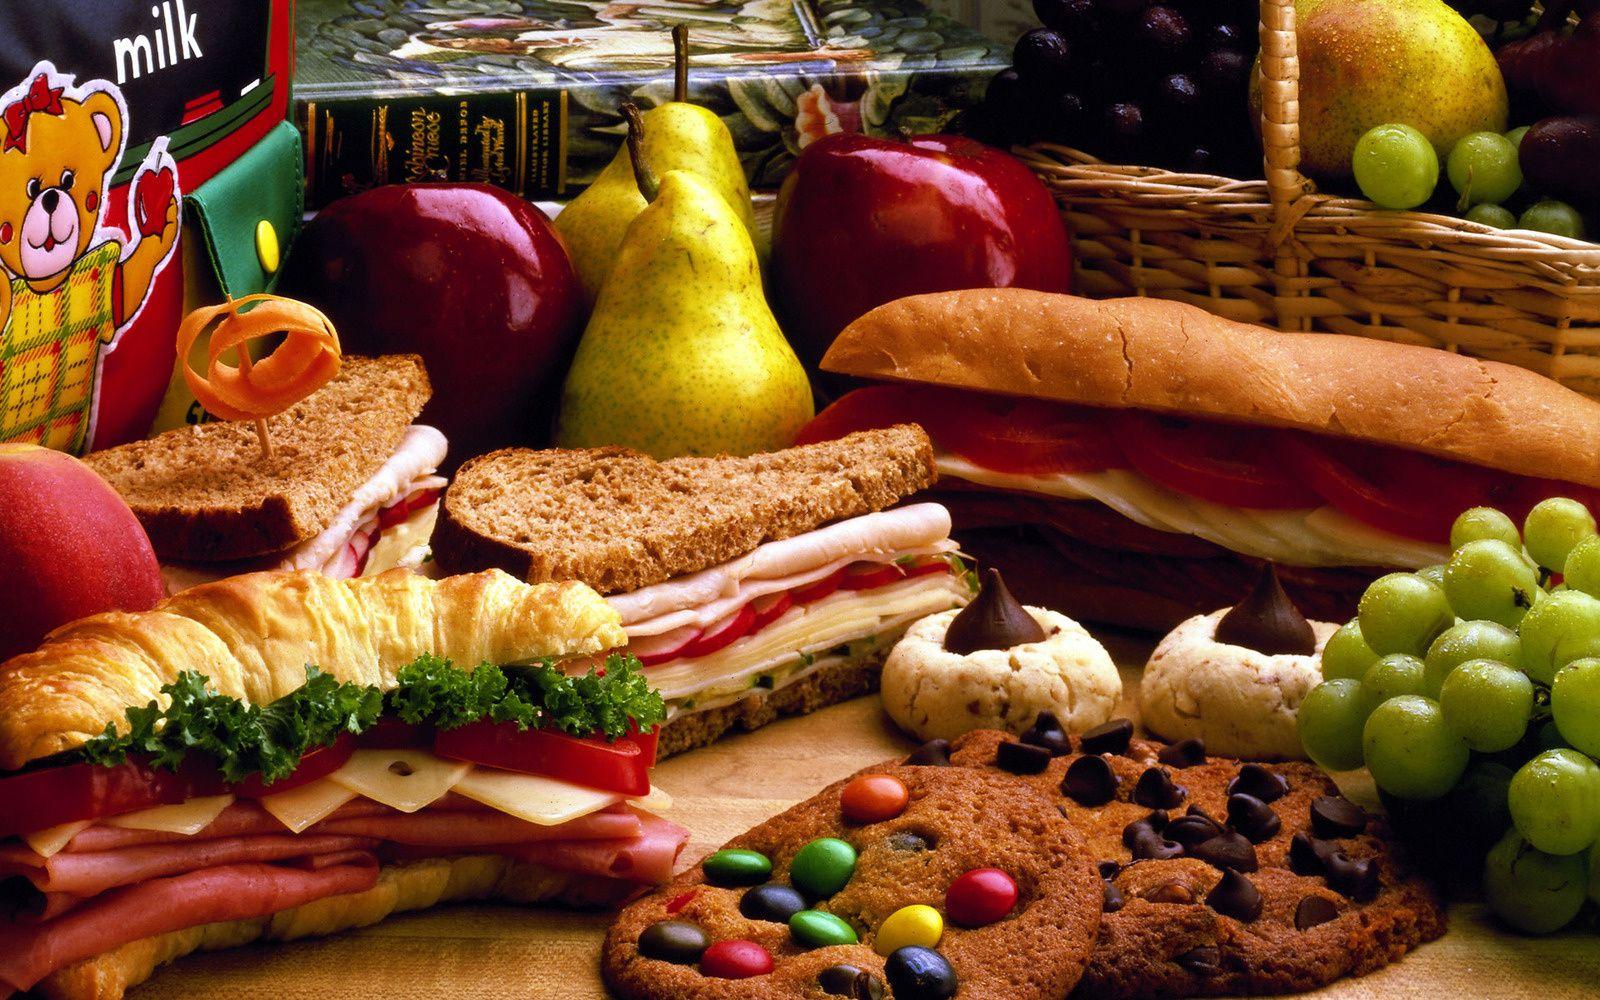 Bon appétit - Sandwichs - Nourriture - Wallpaper - Free